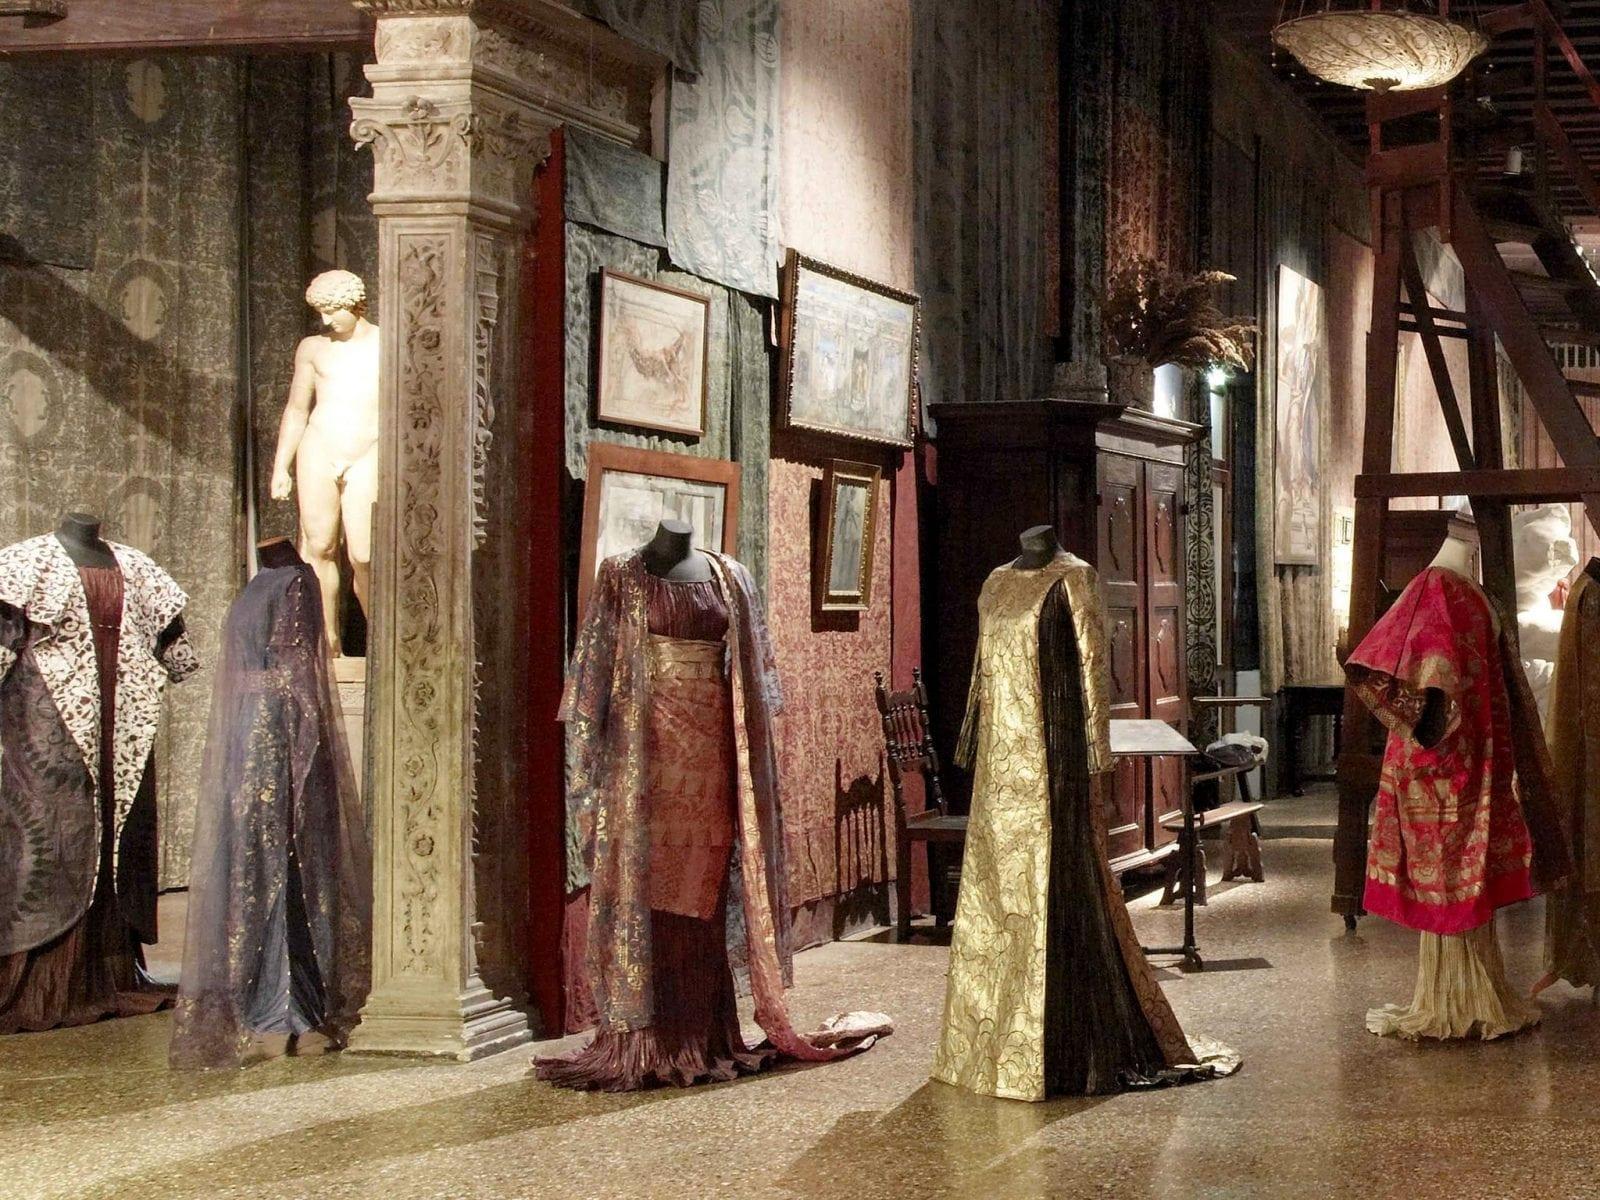 palazzo fortuny museum venice cr fondazione musei civici di venezia - Palazzo Fortuny